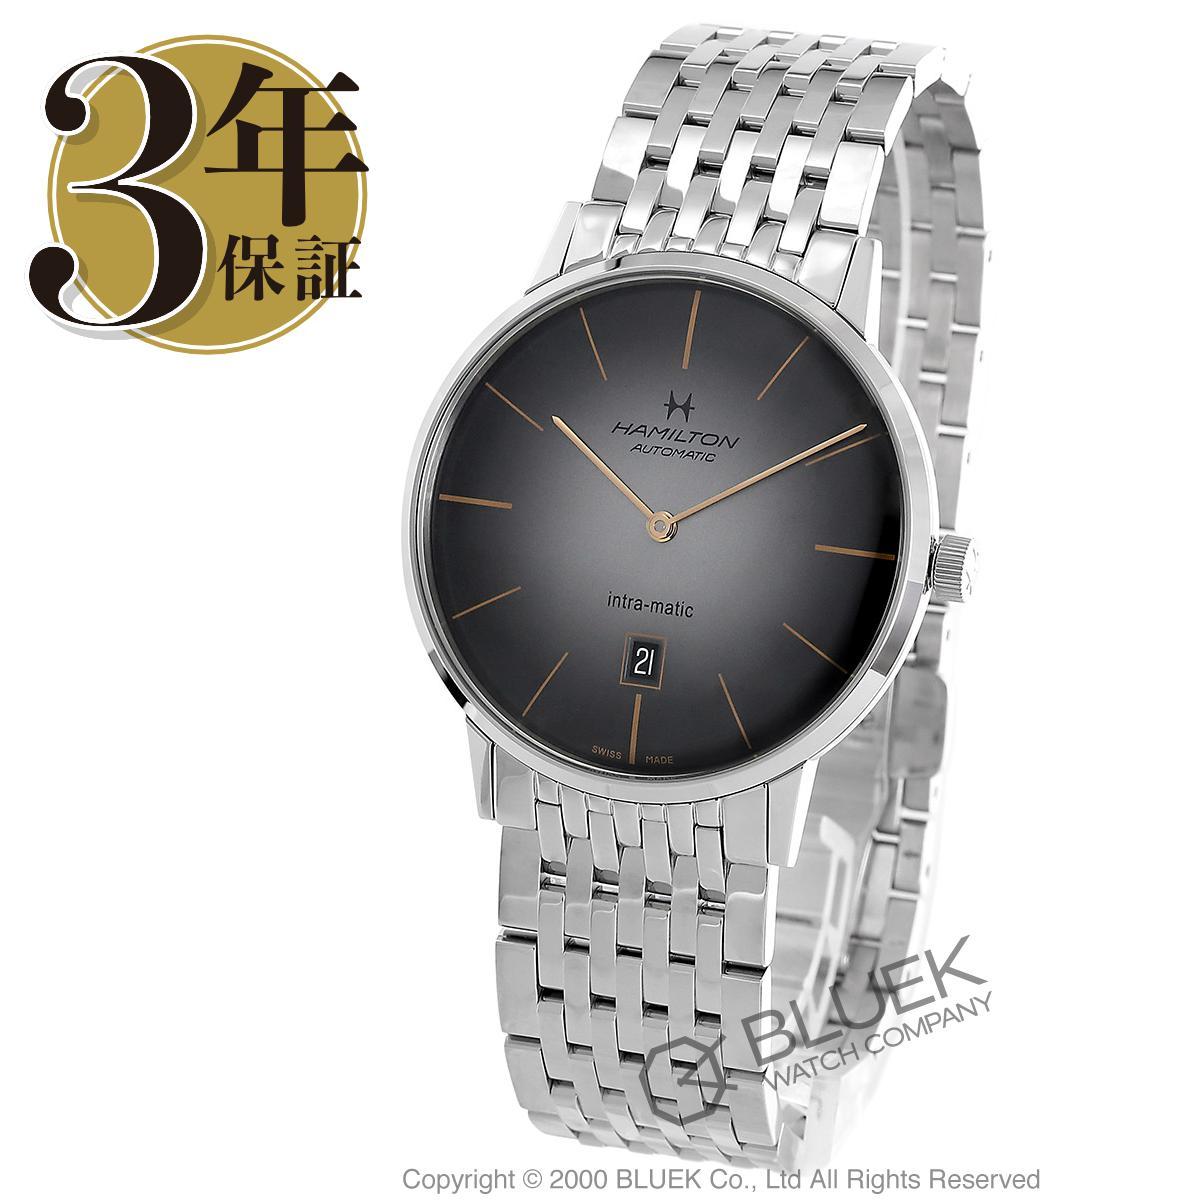 ハミルトン アメリカンクラシック イントラマティック 腕時計 メンズ HAMILTON H38755181_3